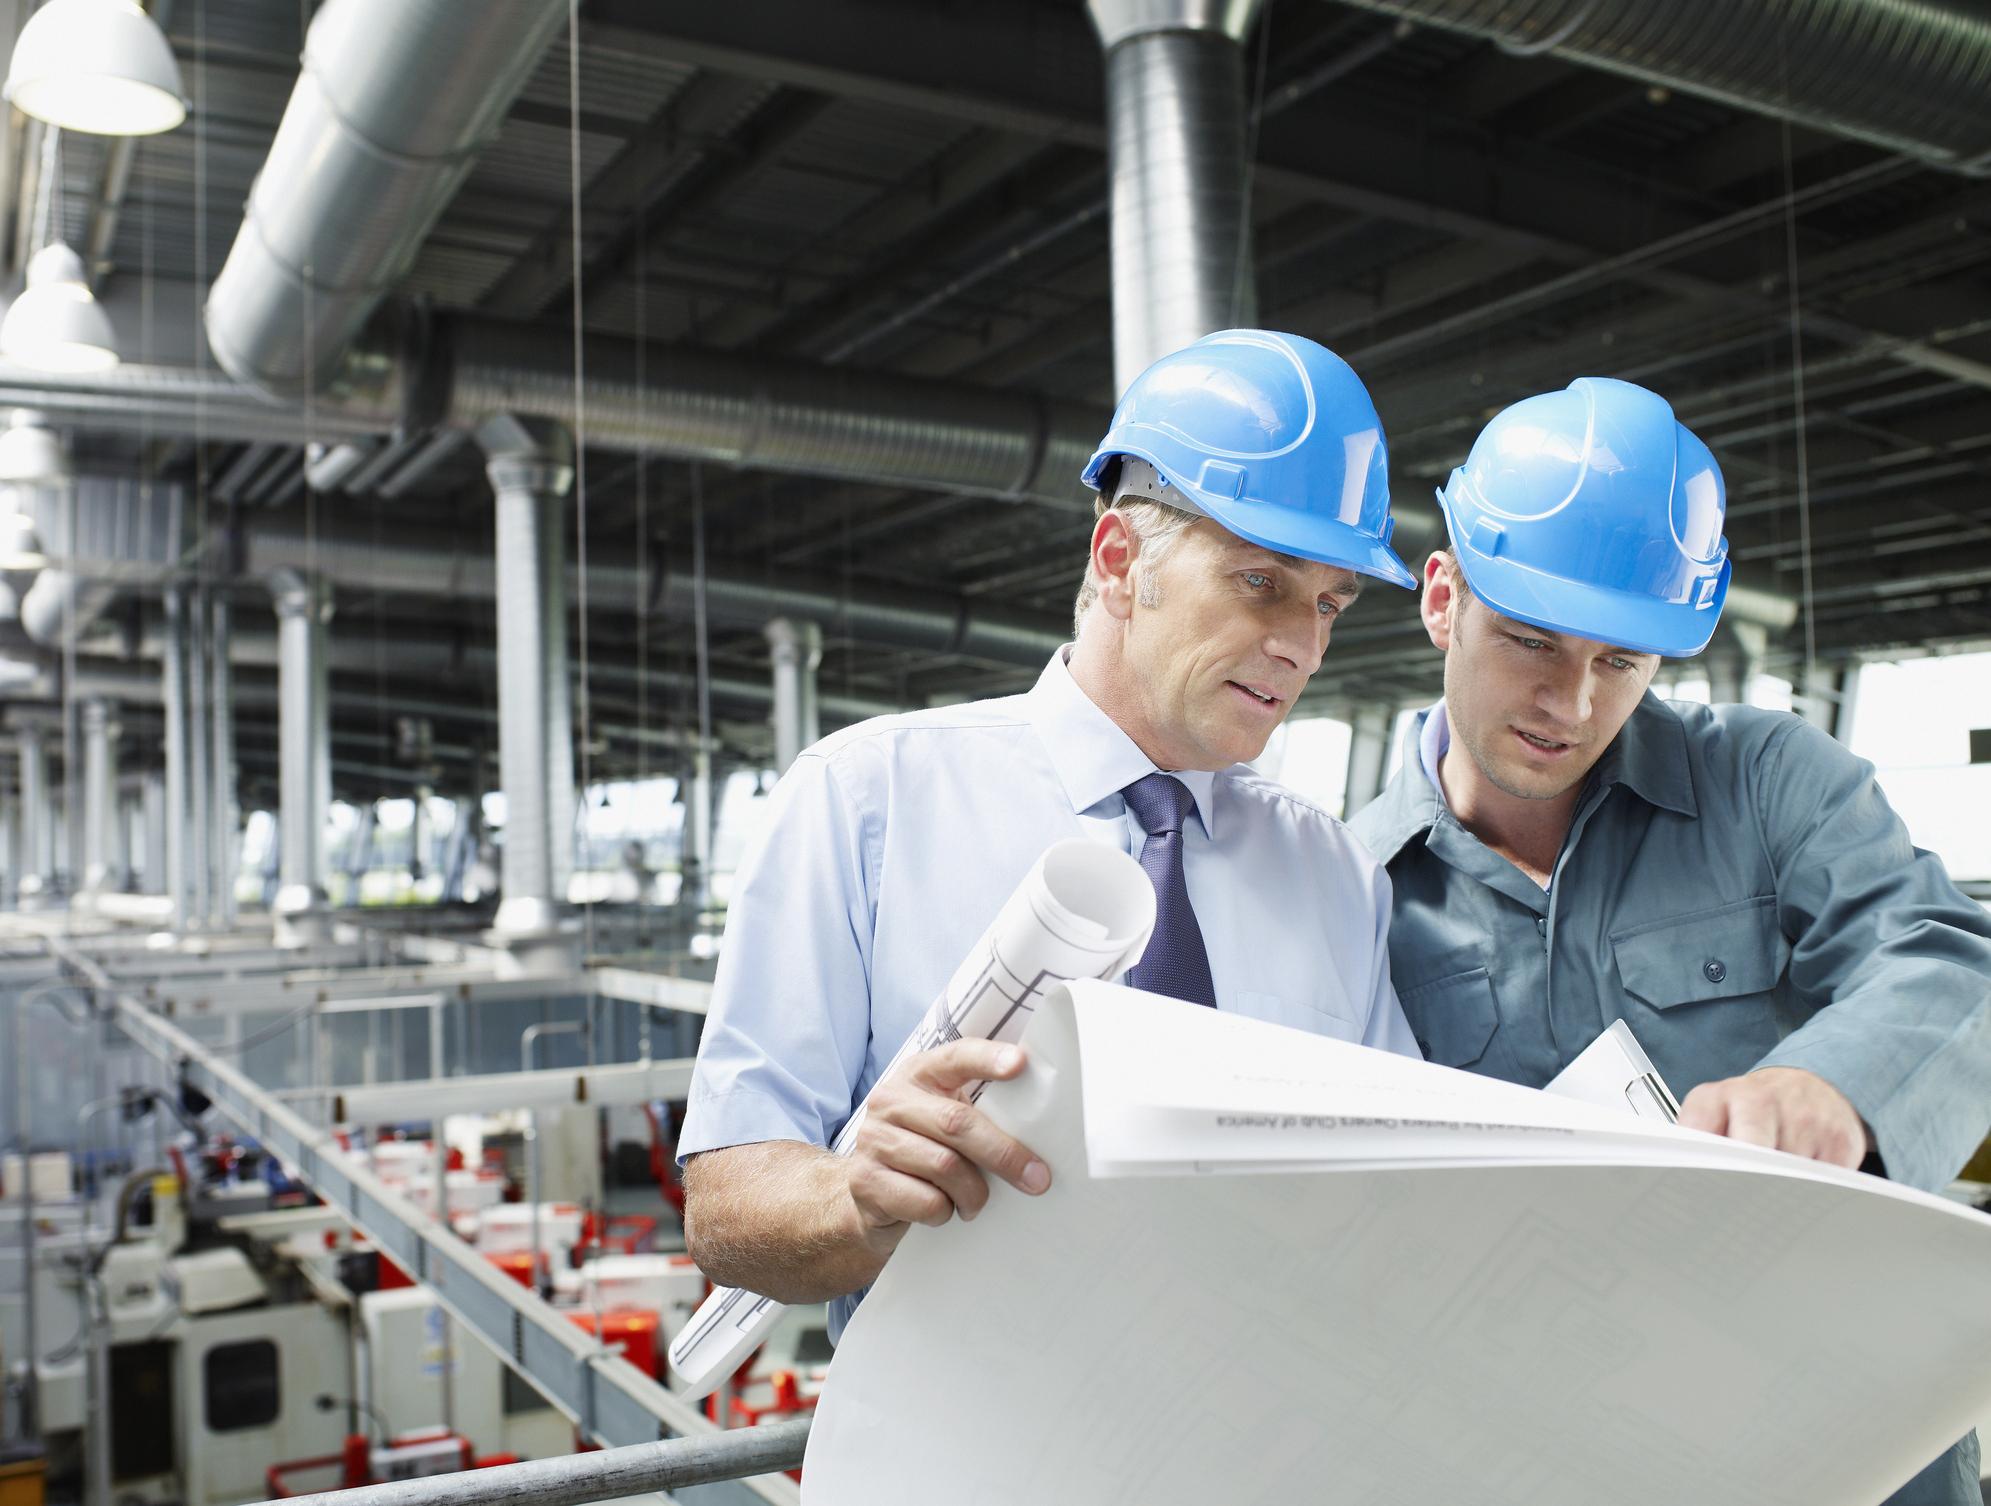 Two men looking at blueprints overlooking an industrial floor